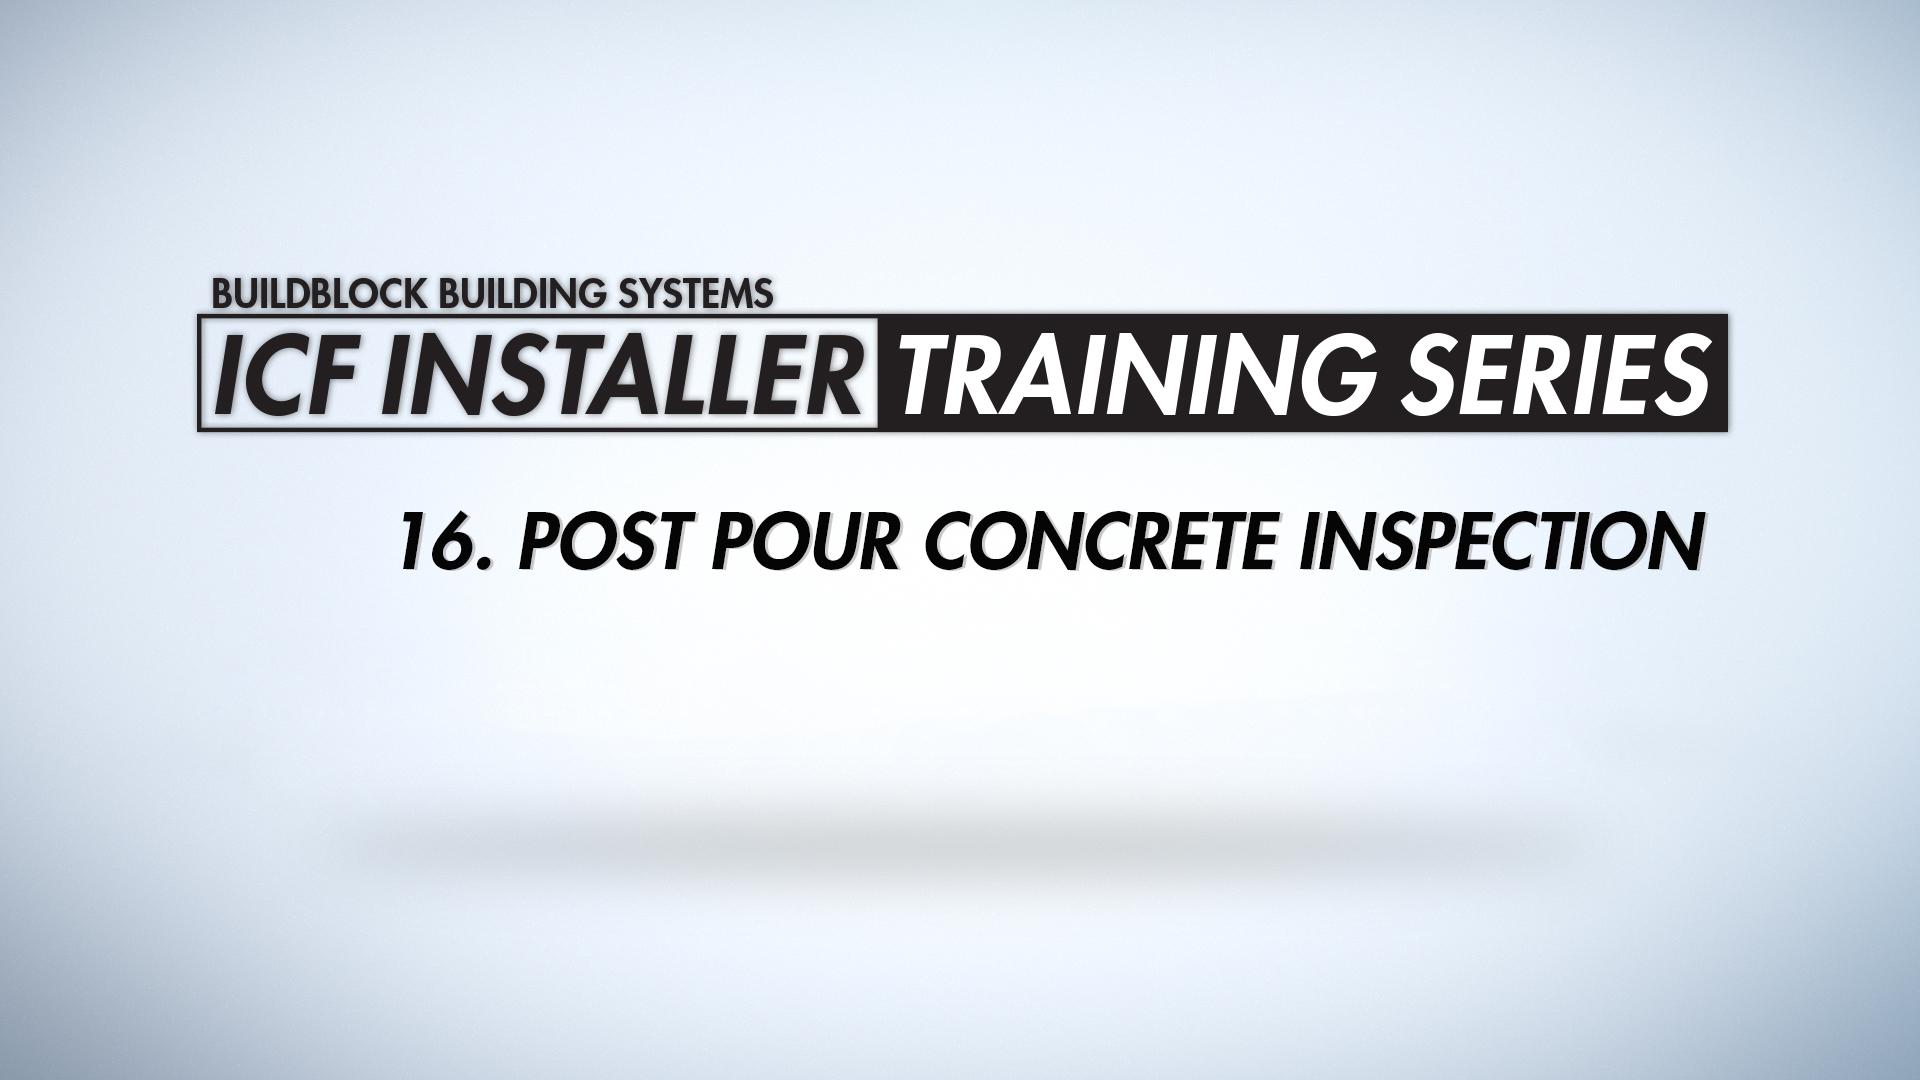 post pour concrete inspection